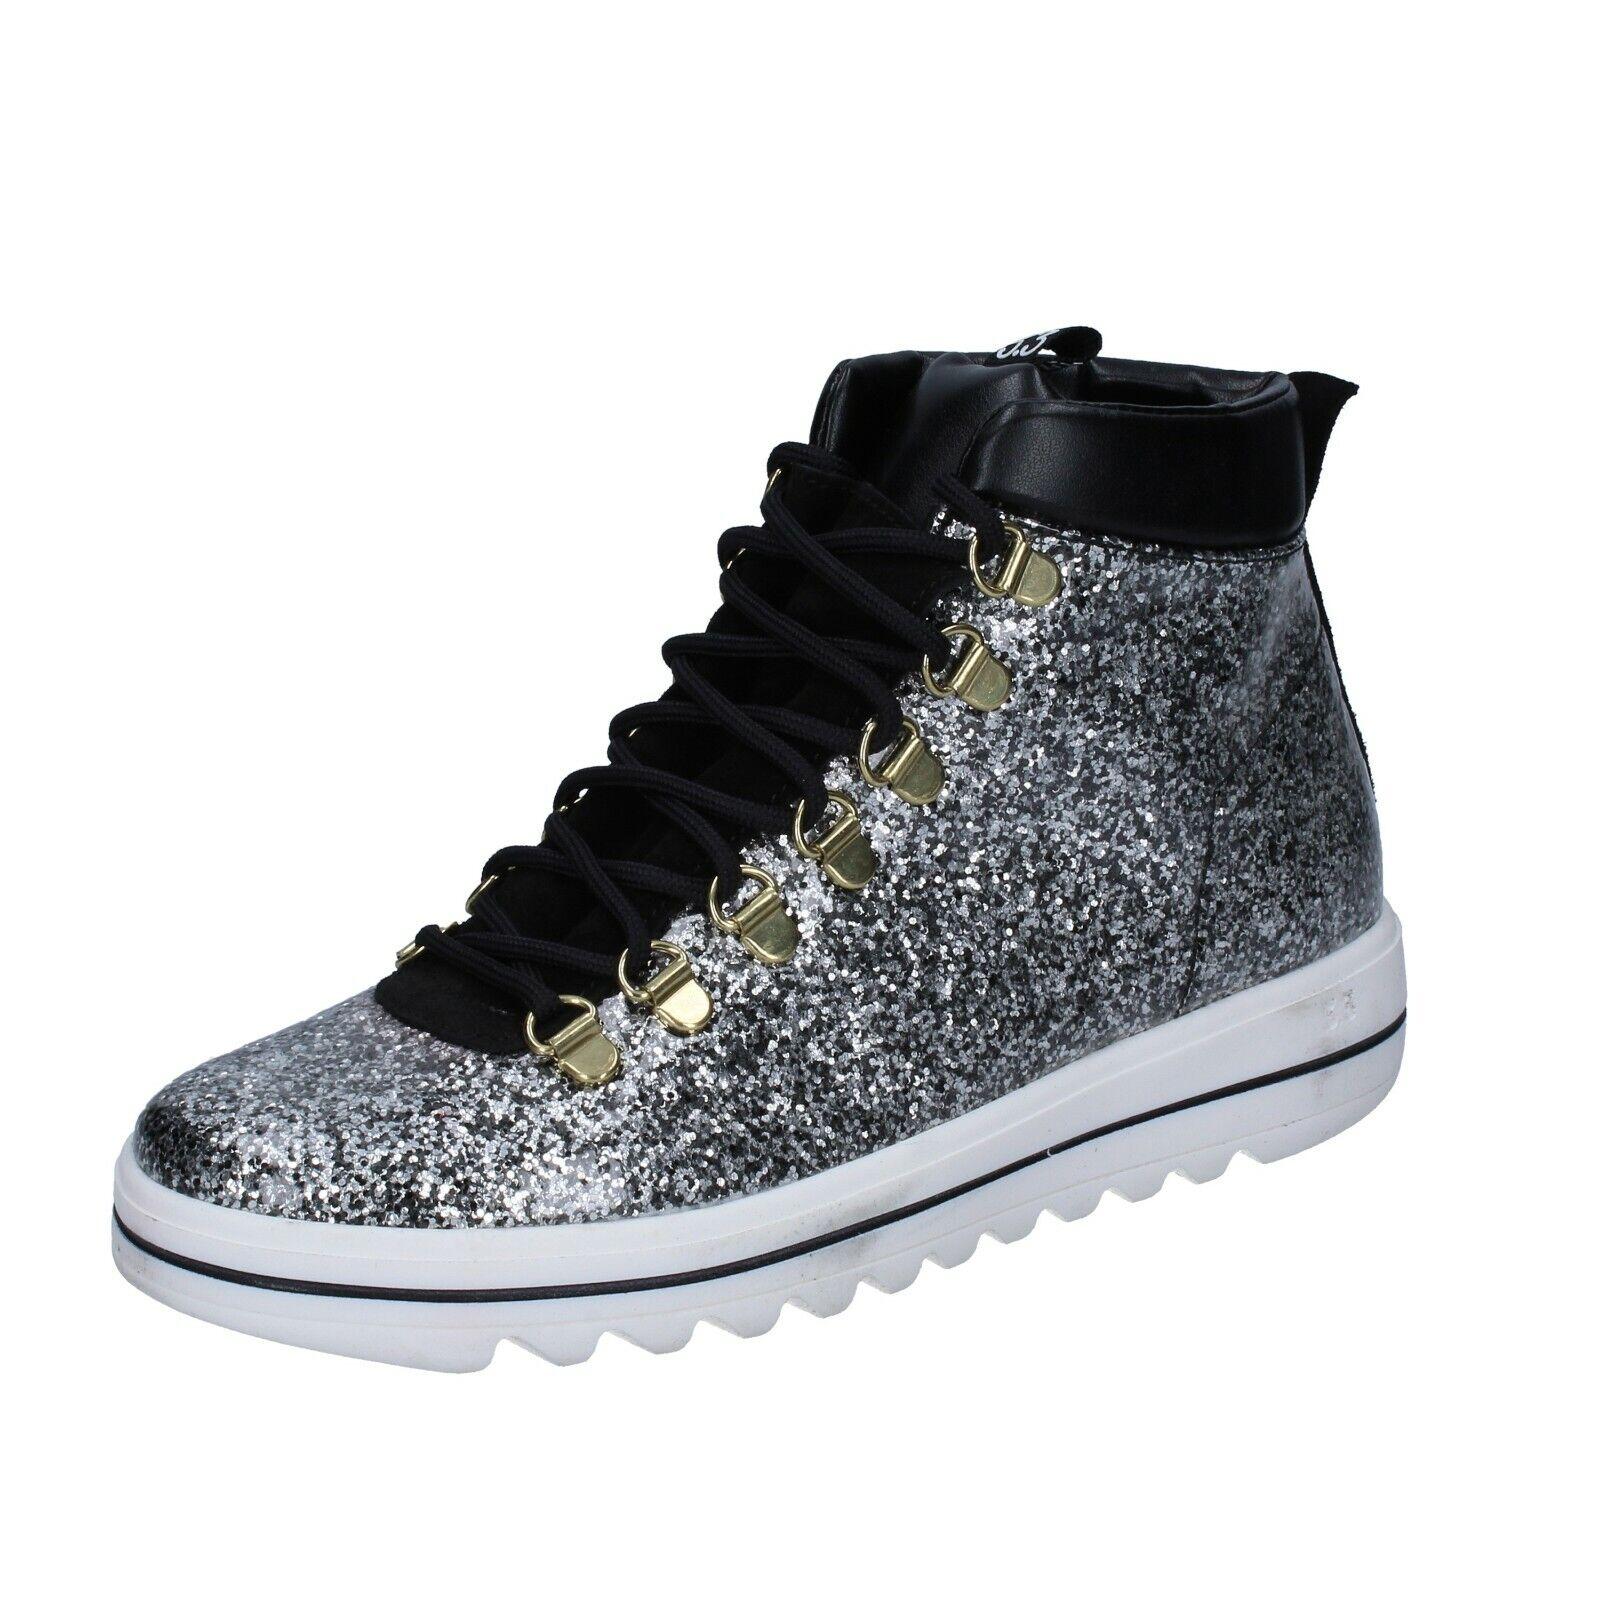 60% de descuento Zapatos señora trepuntotre 38 UE zapatillas plata cuero de de de gamuza bs624-38  nueva marca